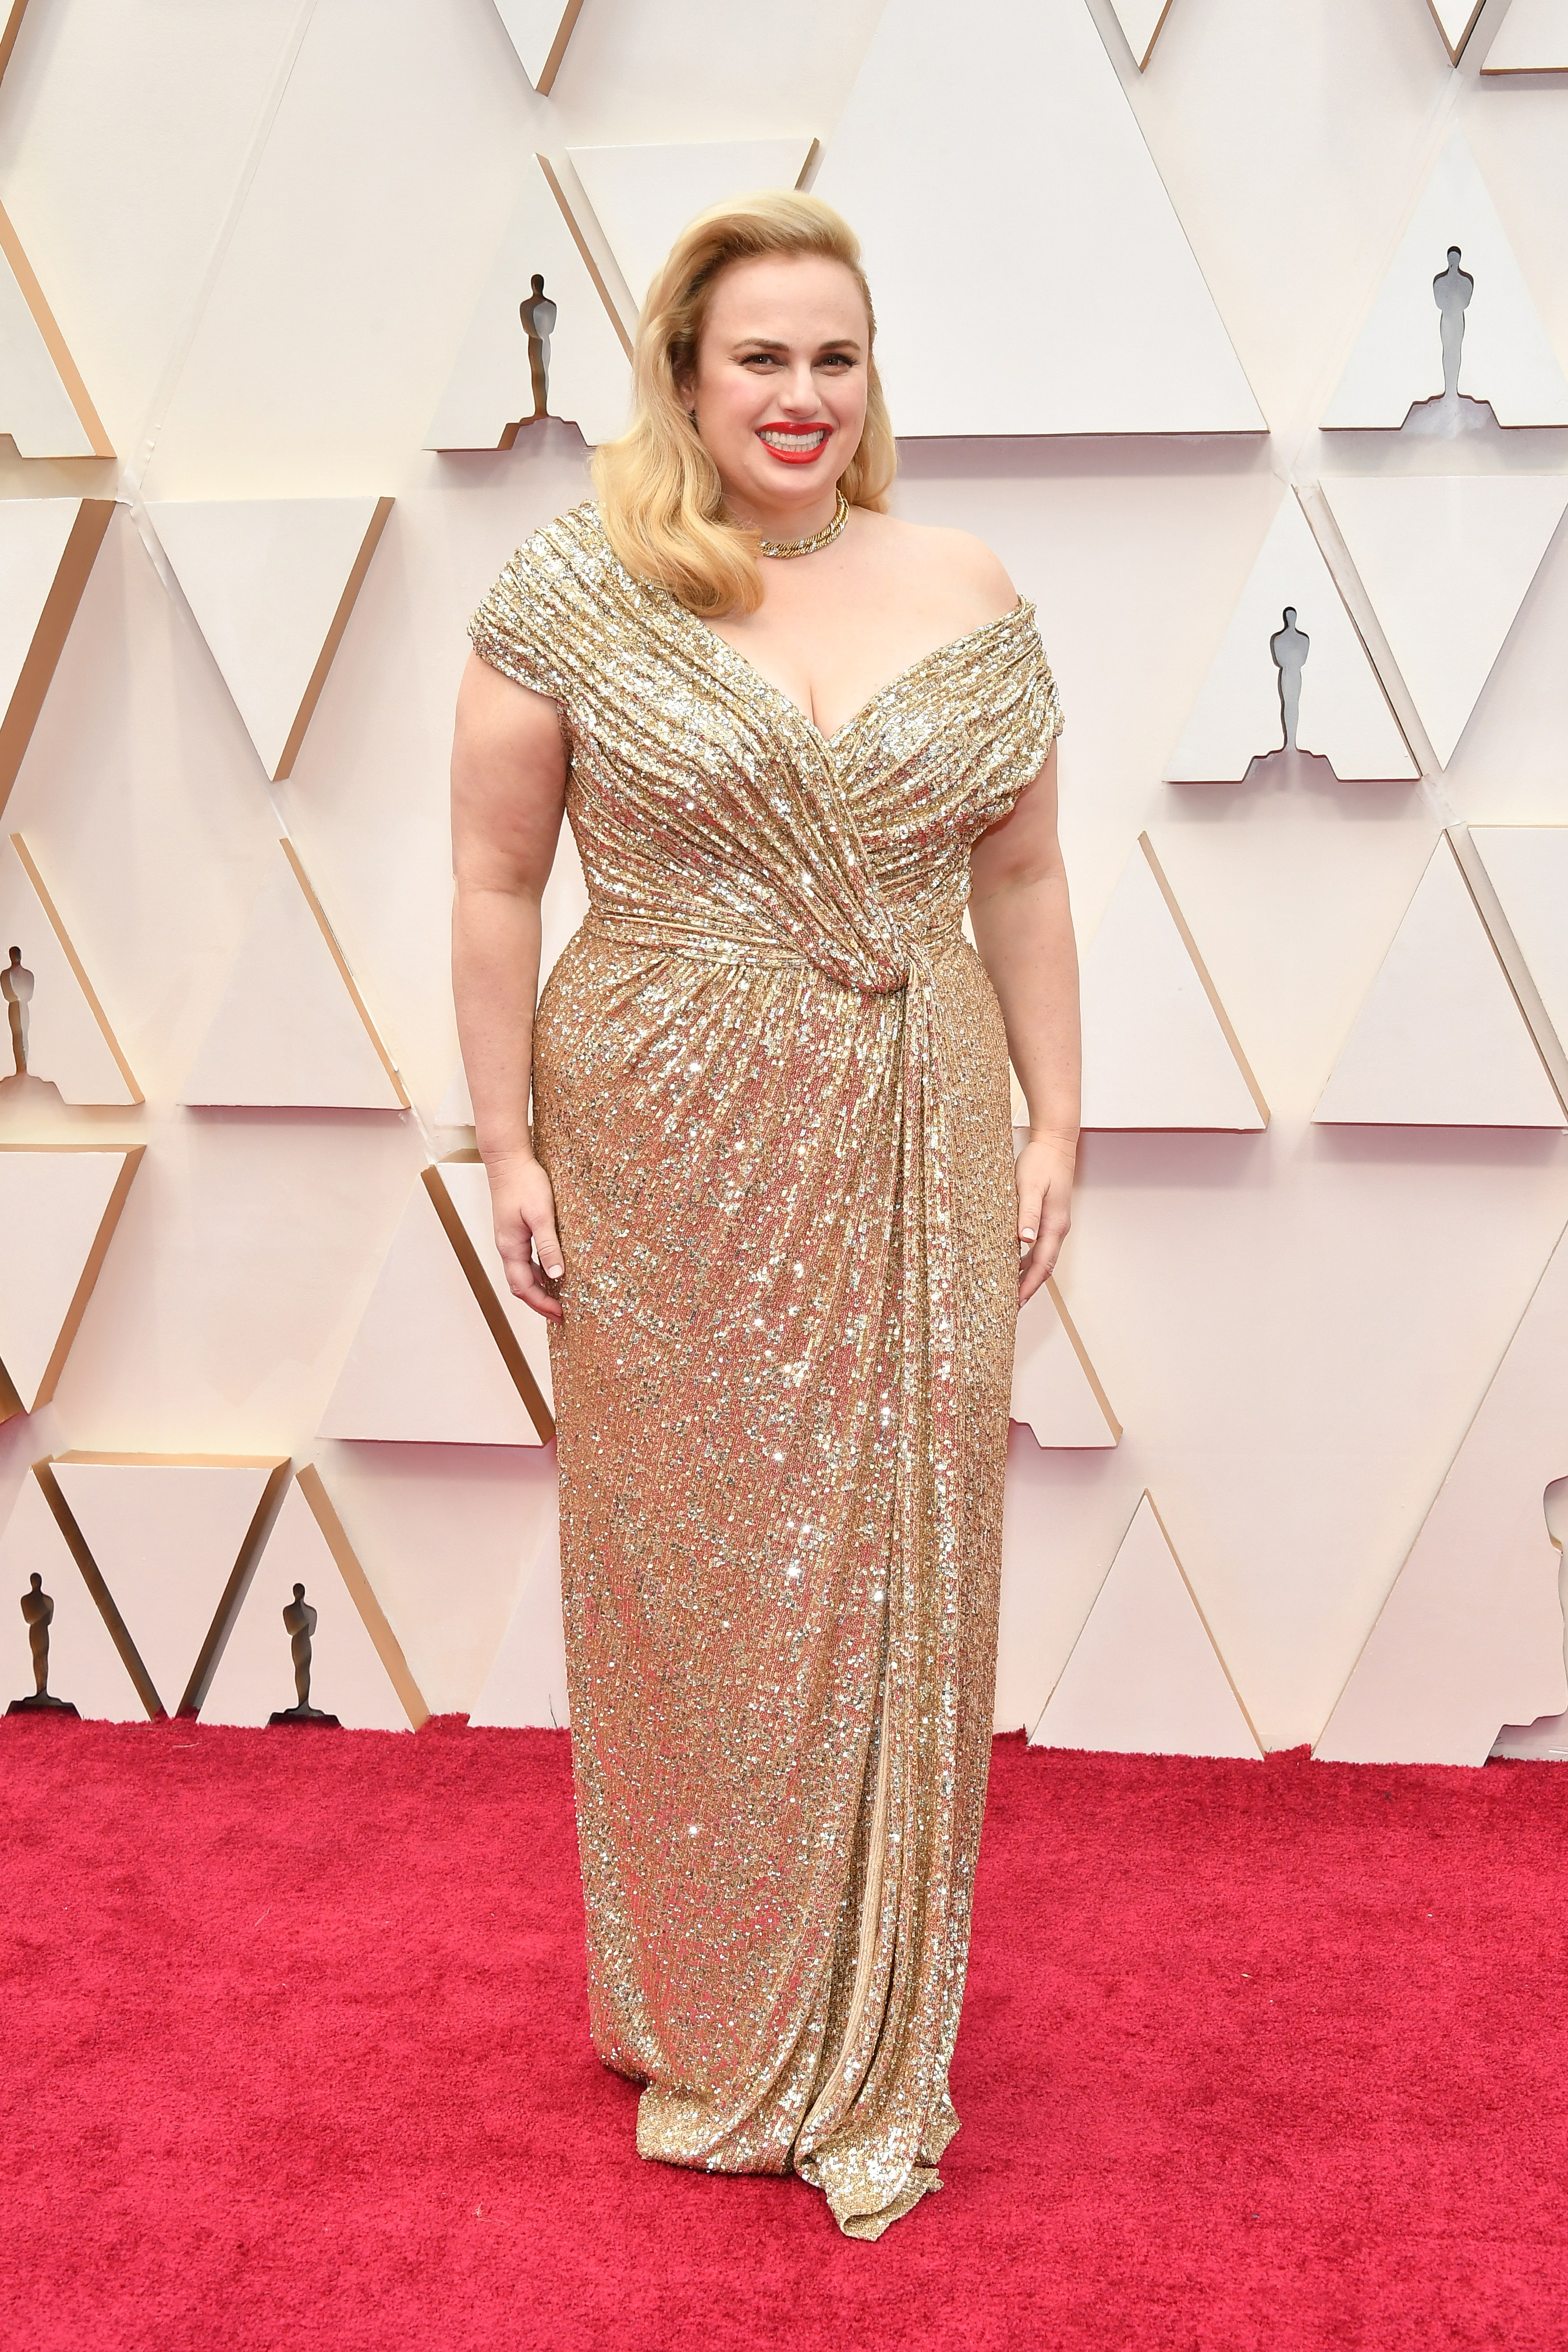 Ребъл Уилсън в Jason Wu Силуетът на роклята е удачен избор, а цялостният стайлинг в стил стар холивудски блясък кара блондинката да сияе.